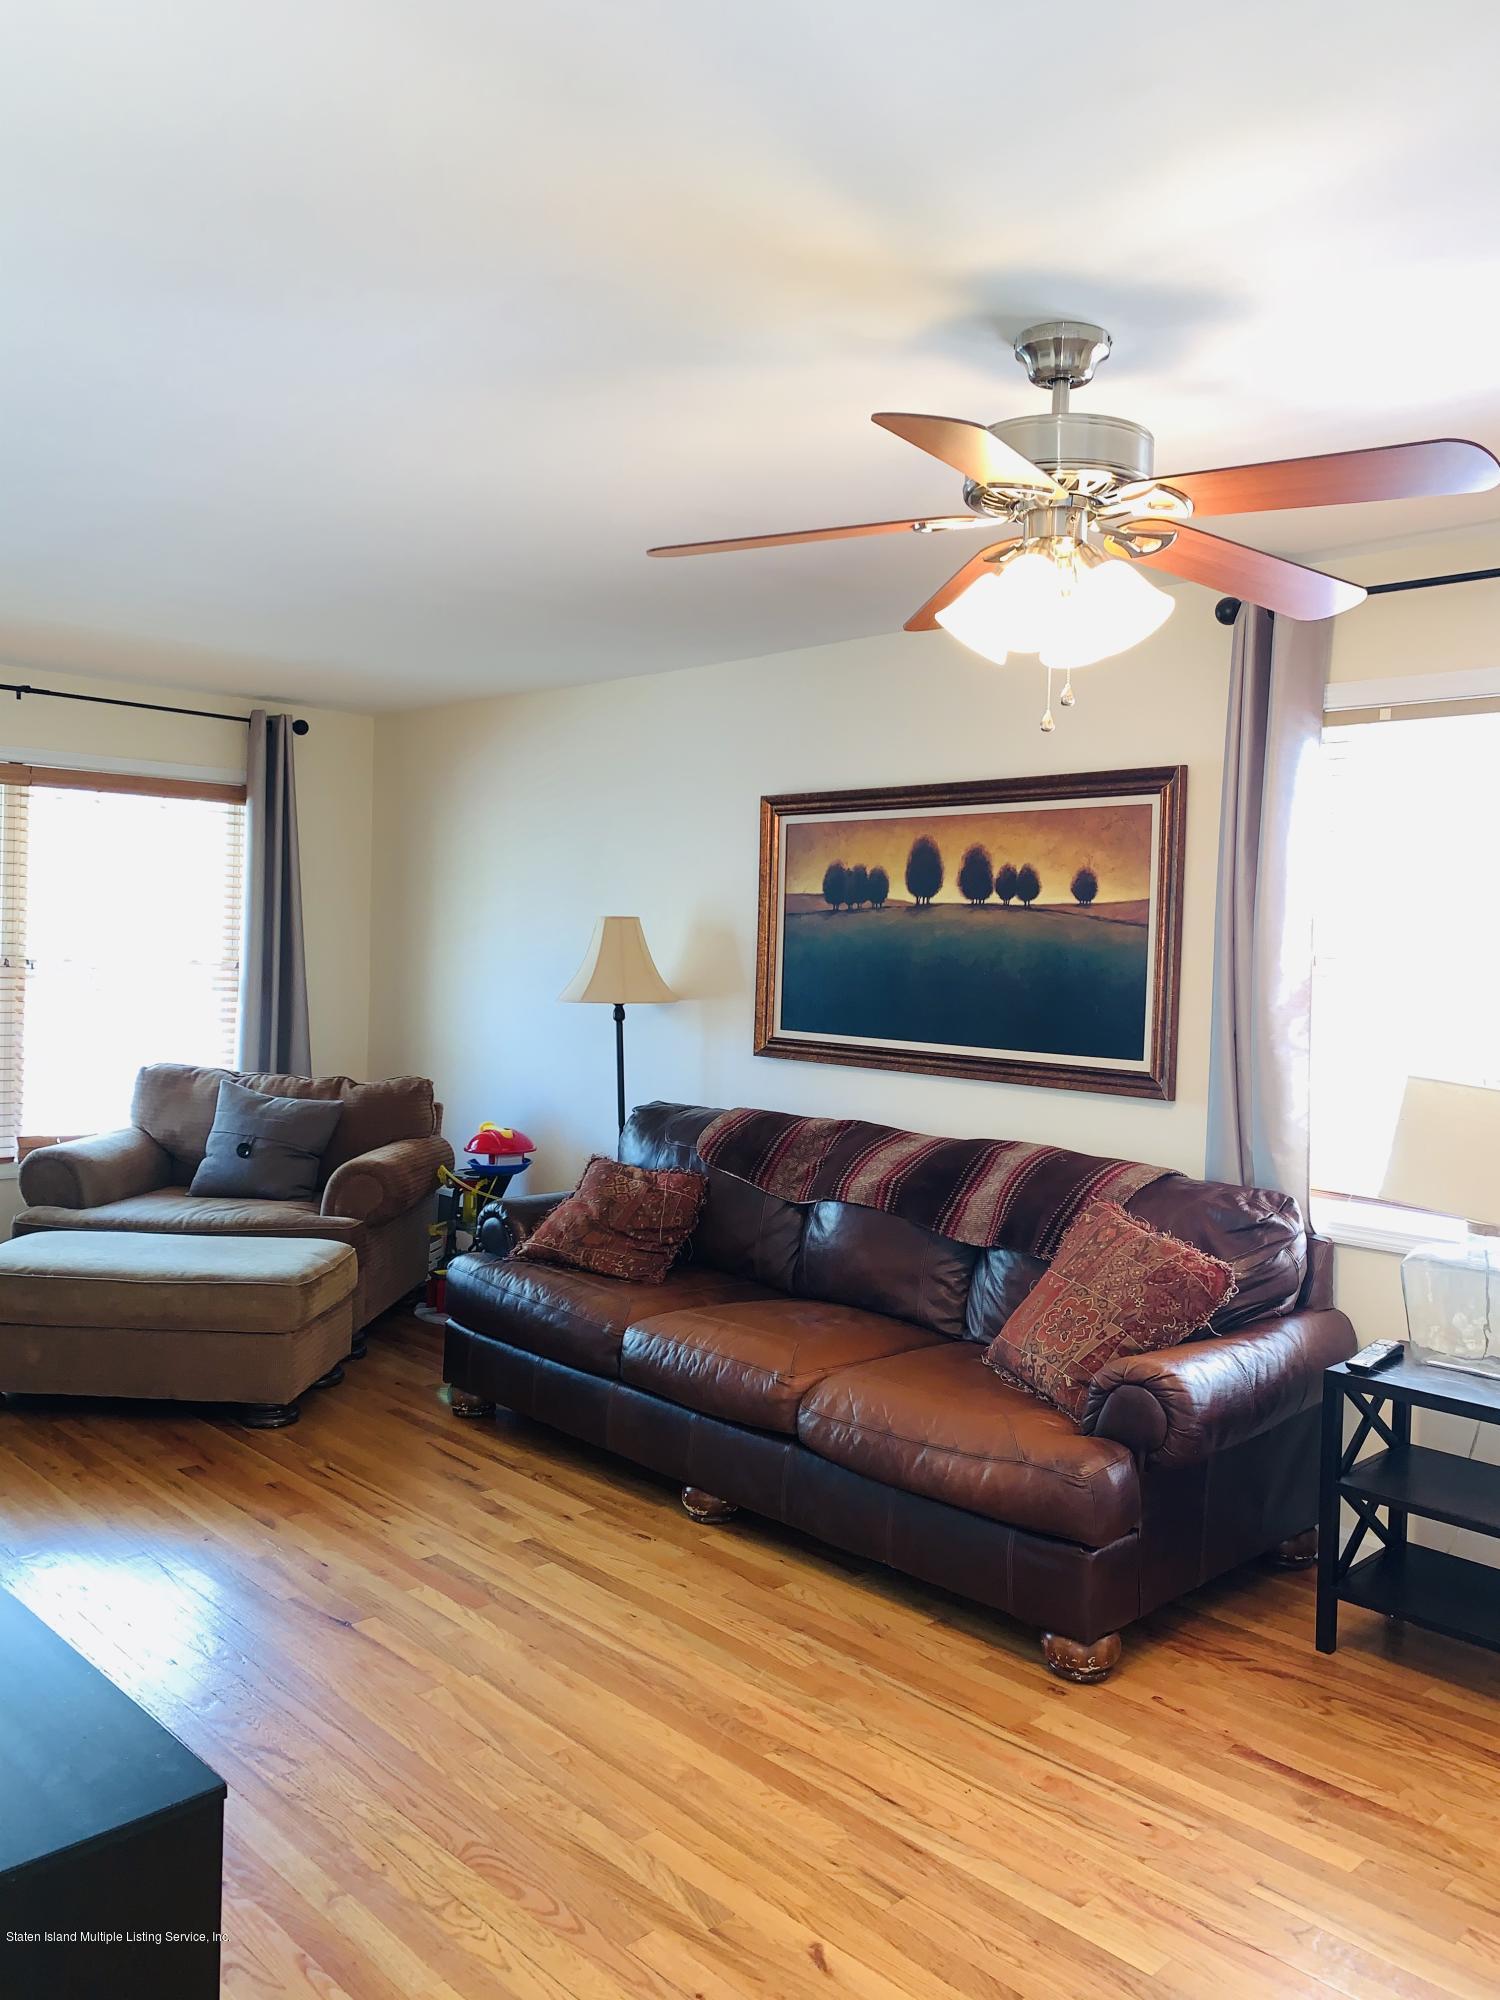 Single Family - Semi-Attached 321 Cary Avenue  Staten Island, NY 10310, MLS-1137236-4